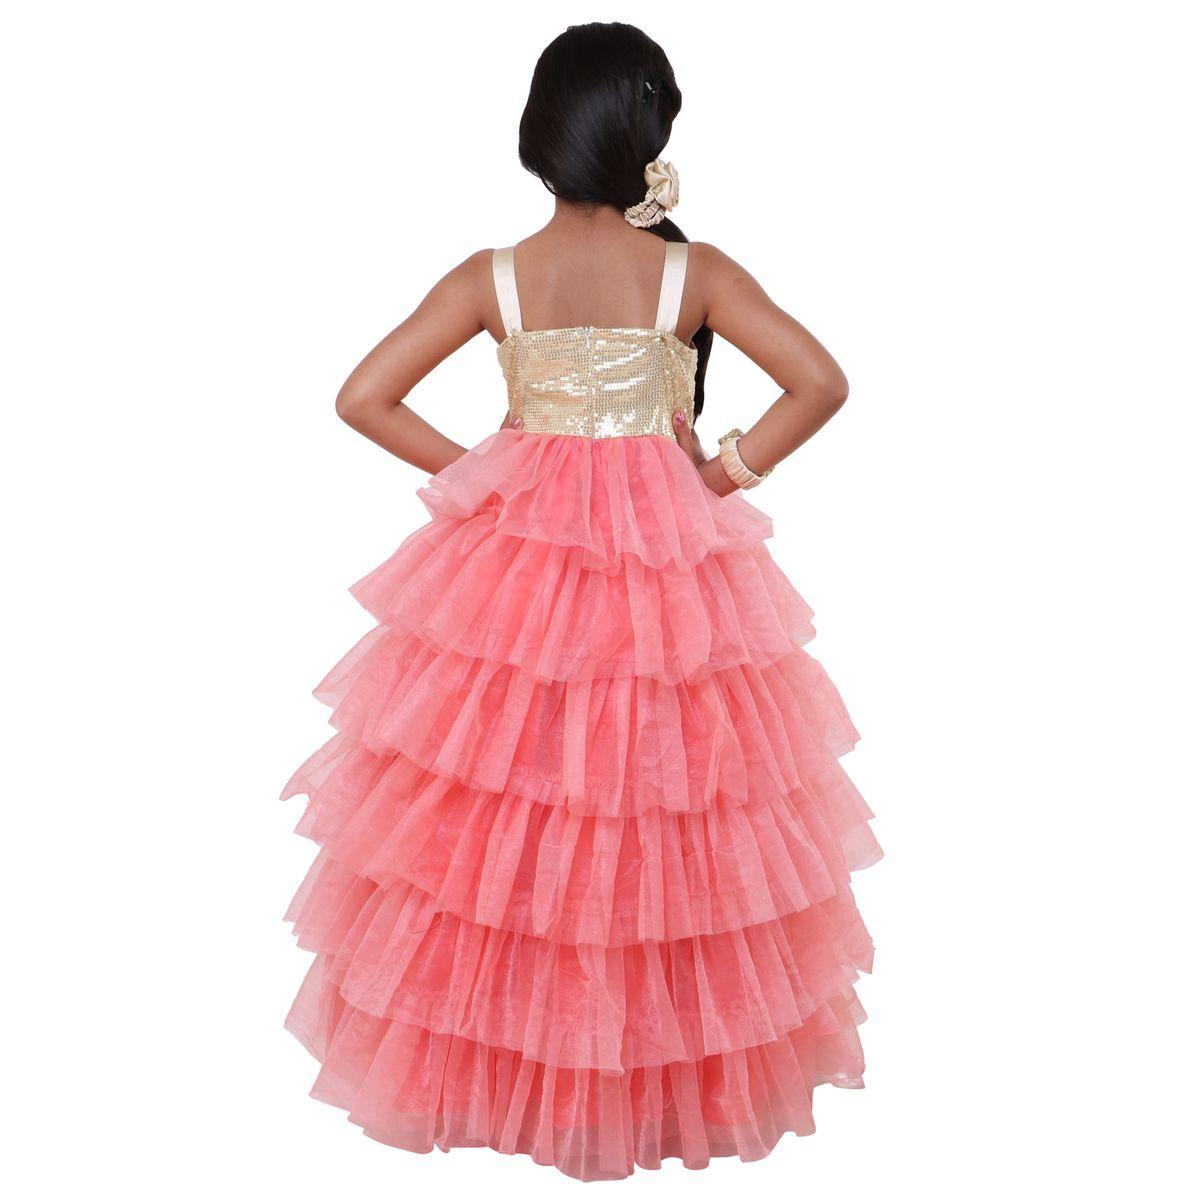 Asombroso Vestido De Novia Chicago Fotos - Colección de Vestidos de ...